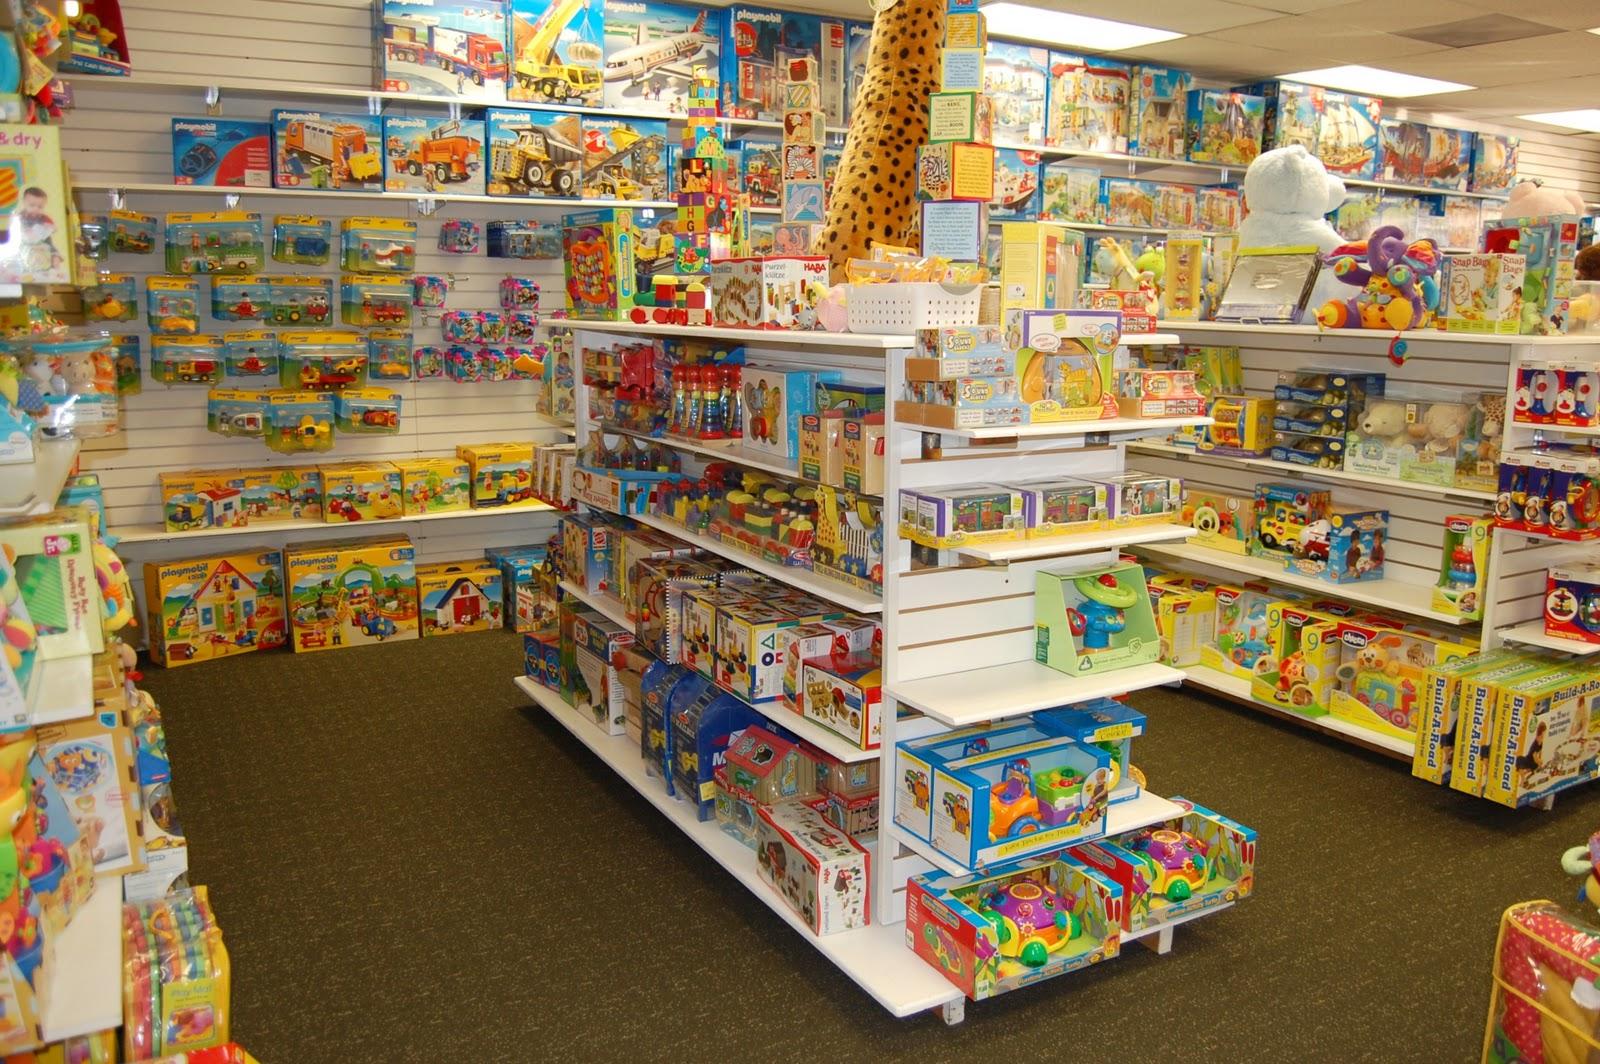 Thị trường đồ chơi trẻ em đang phát triển mạnh mẽ tại các sàn TMĐT và các kênh bán hàng online những năm gần đây